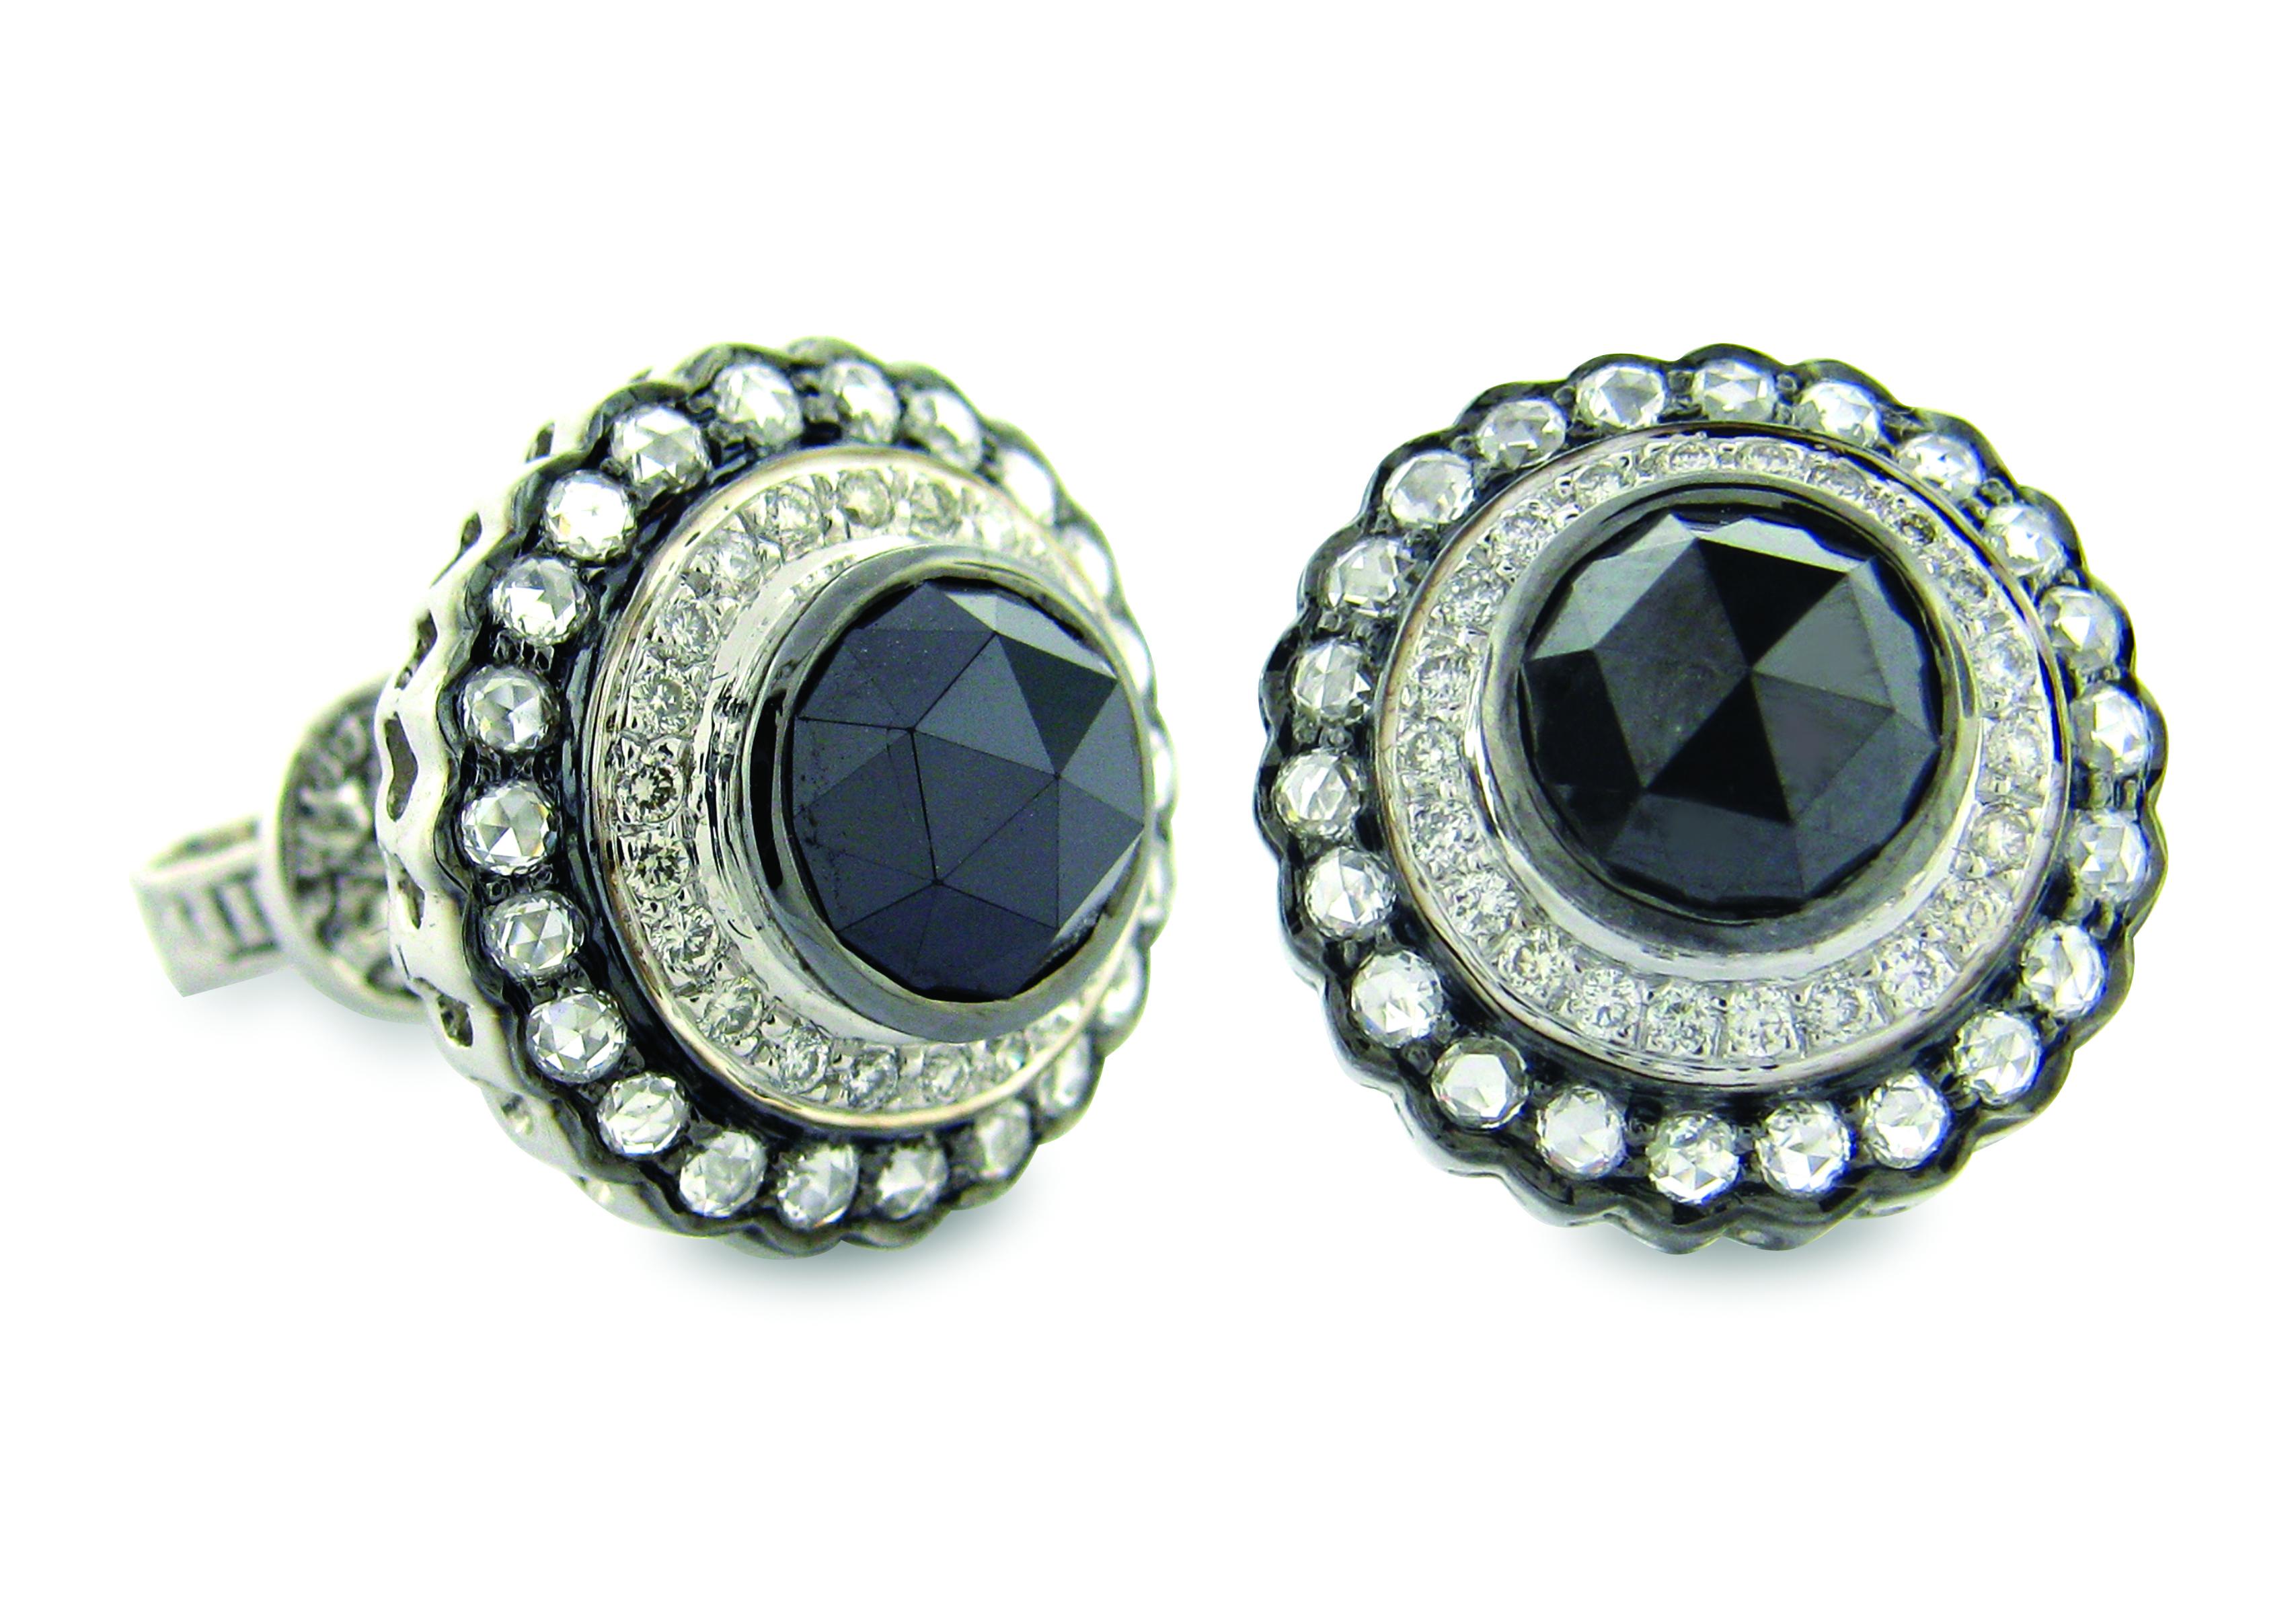 Rose-cut black diamond earrings